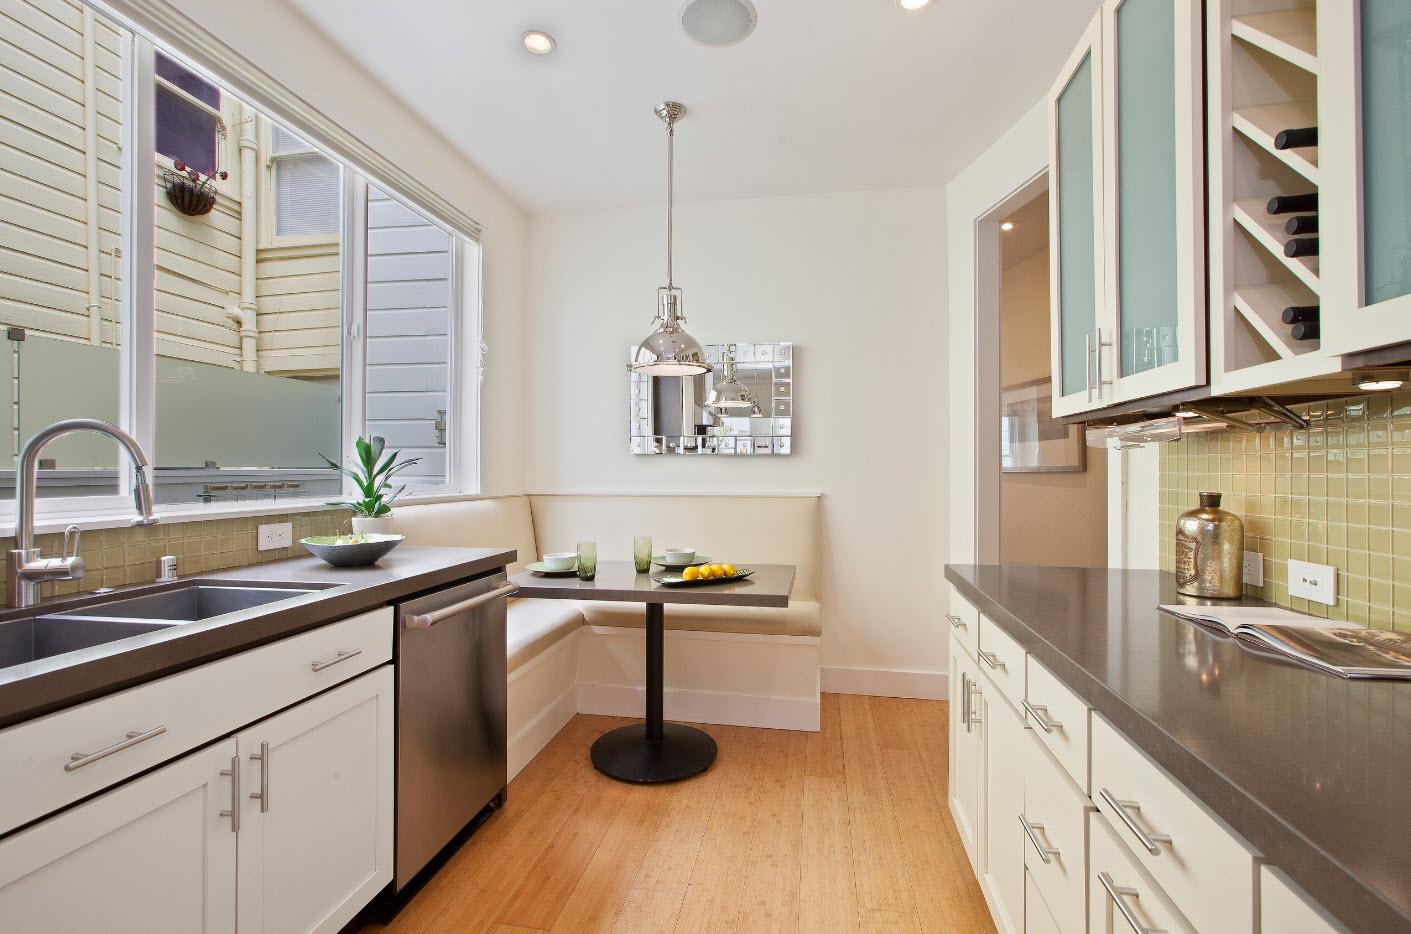 Кухня с параллельной планировкой